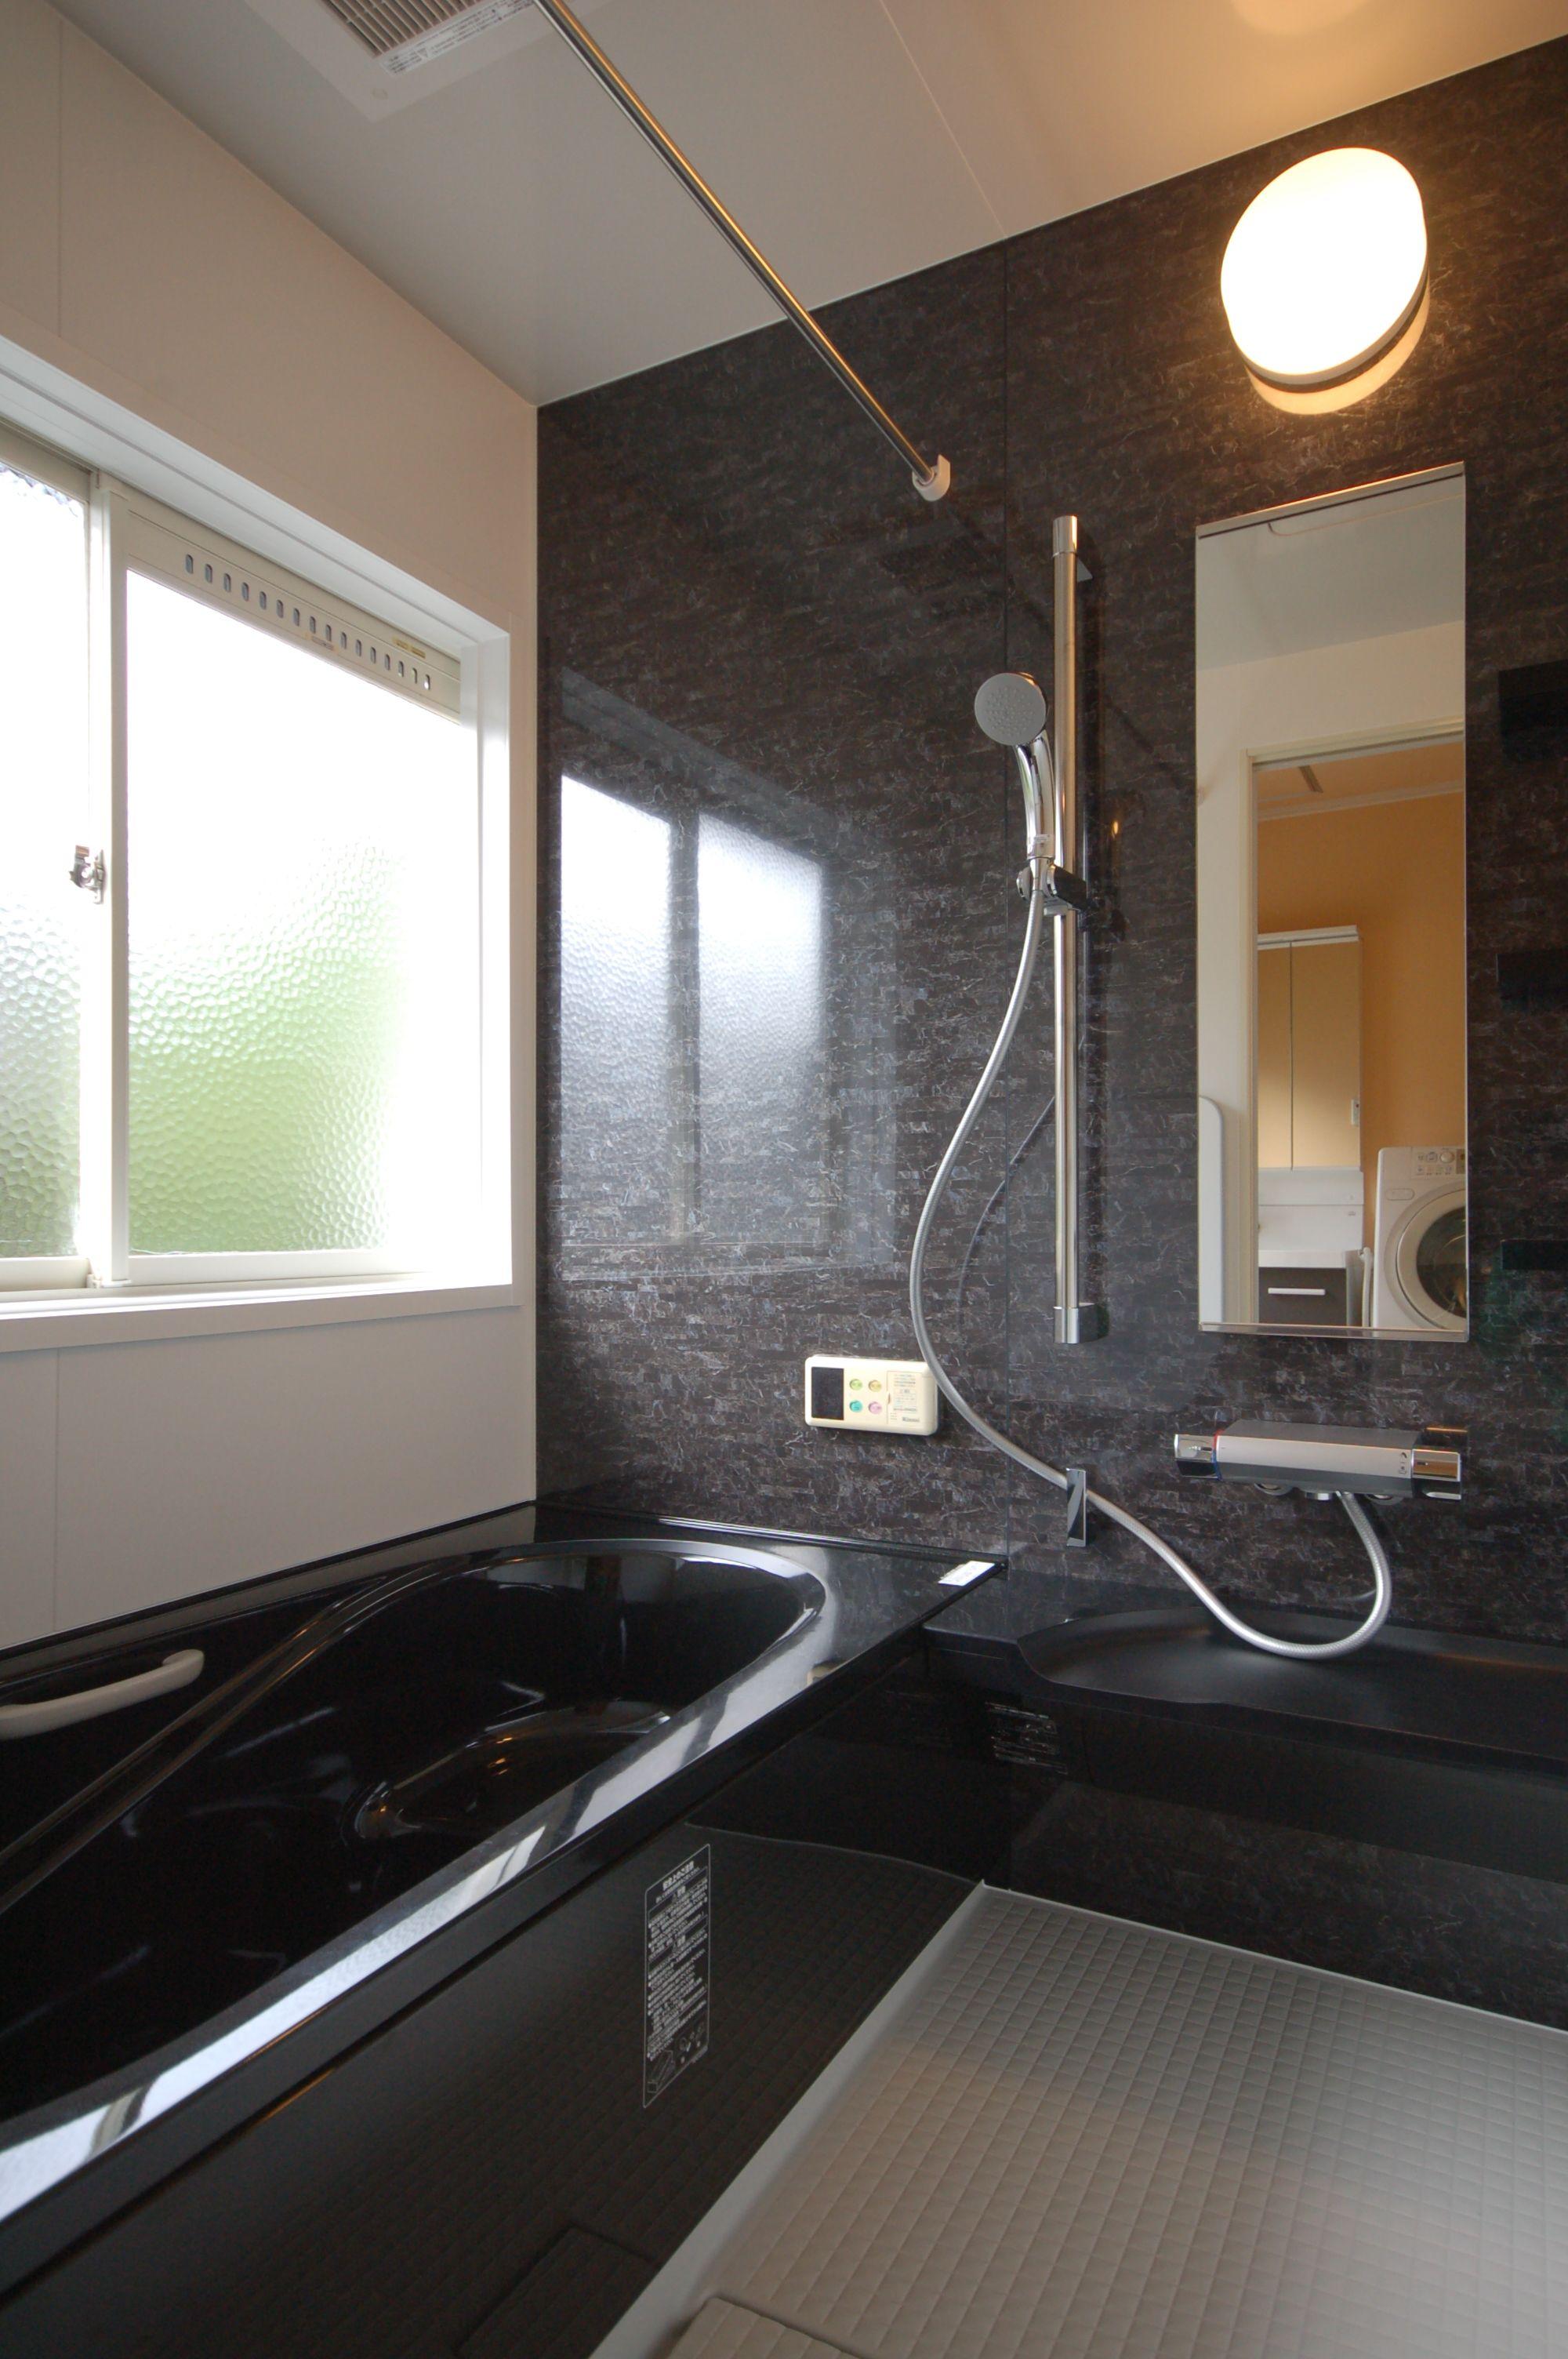 決めてはブラック お風呂リフォーム 施工事例 お風呂 リフォーム 浴室 デザイン お風呂